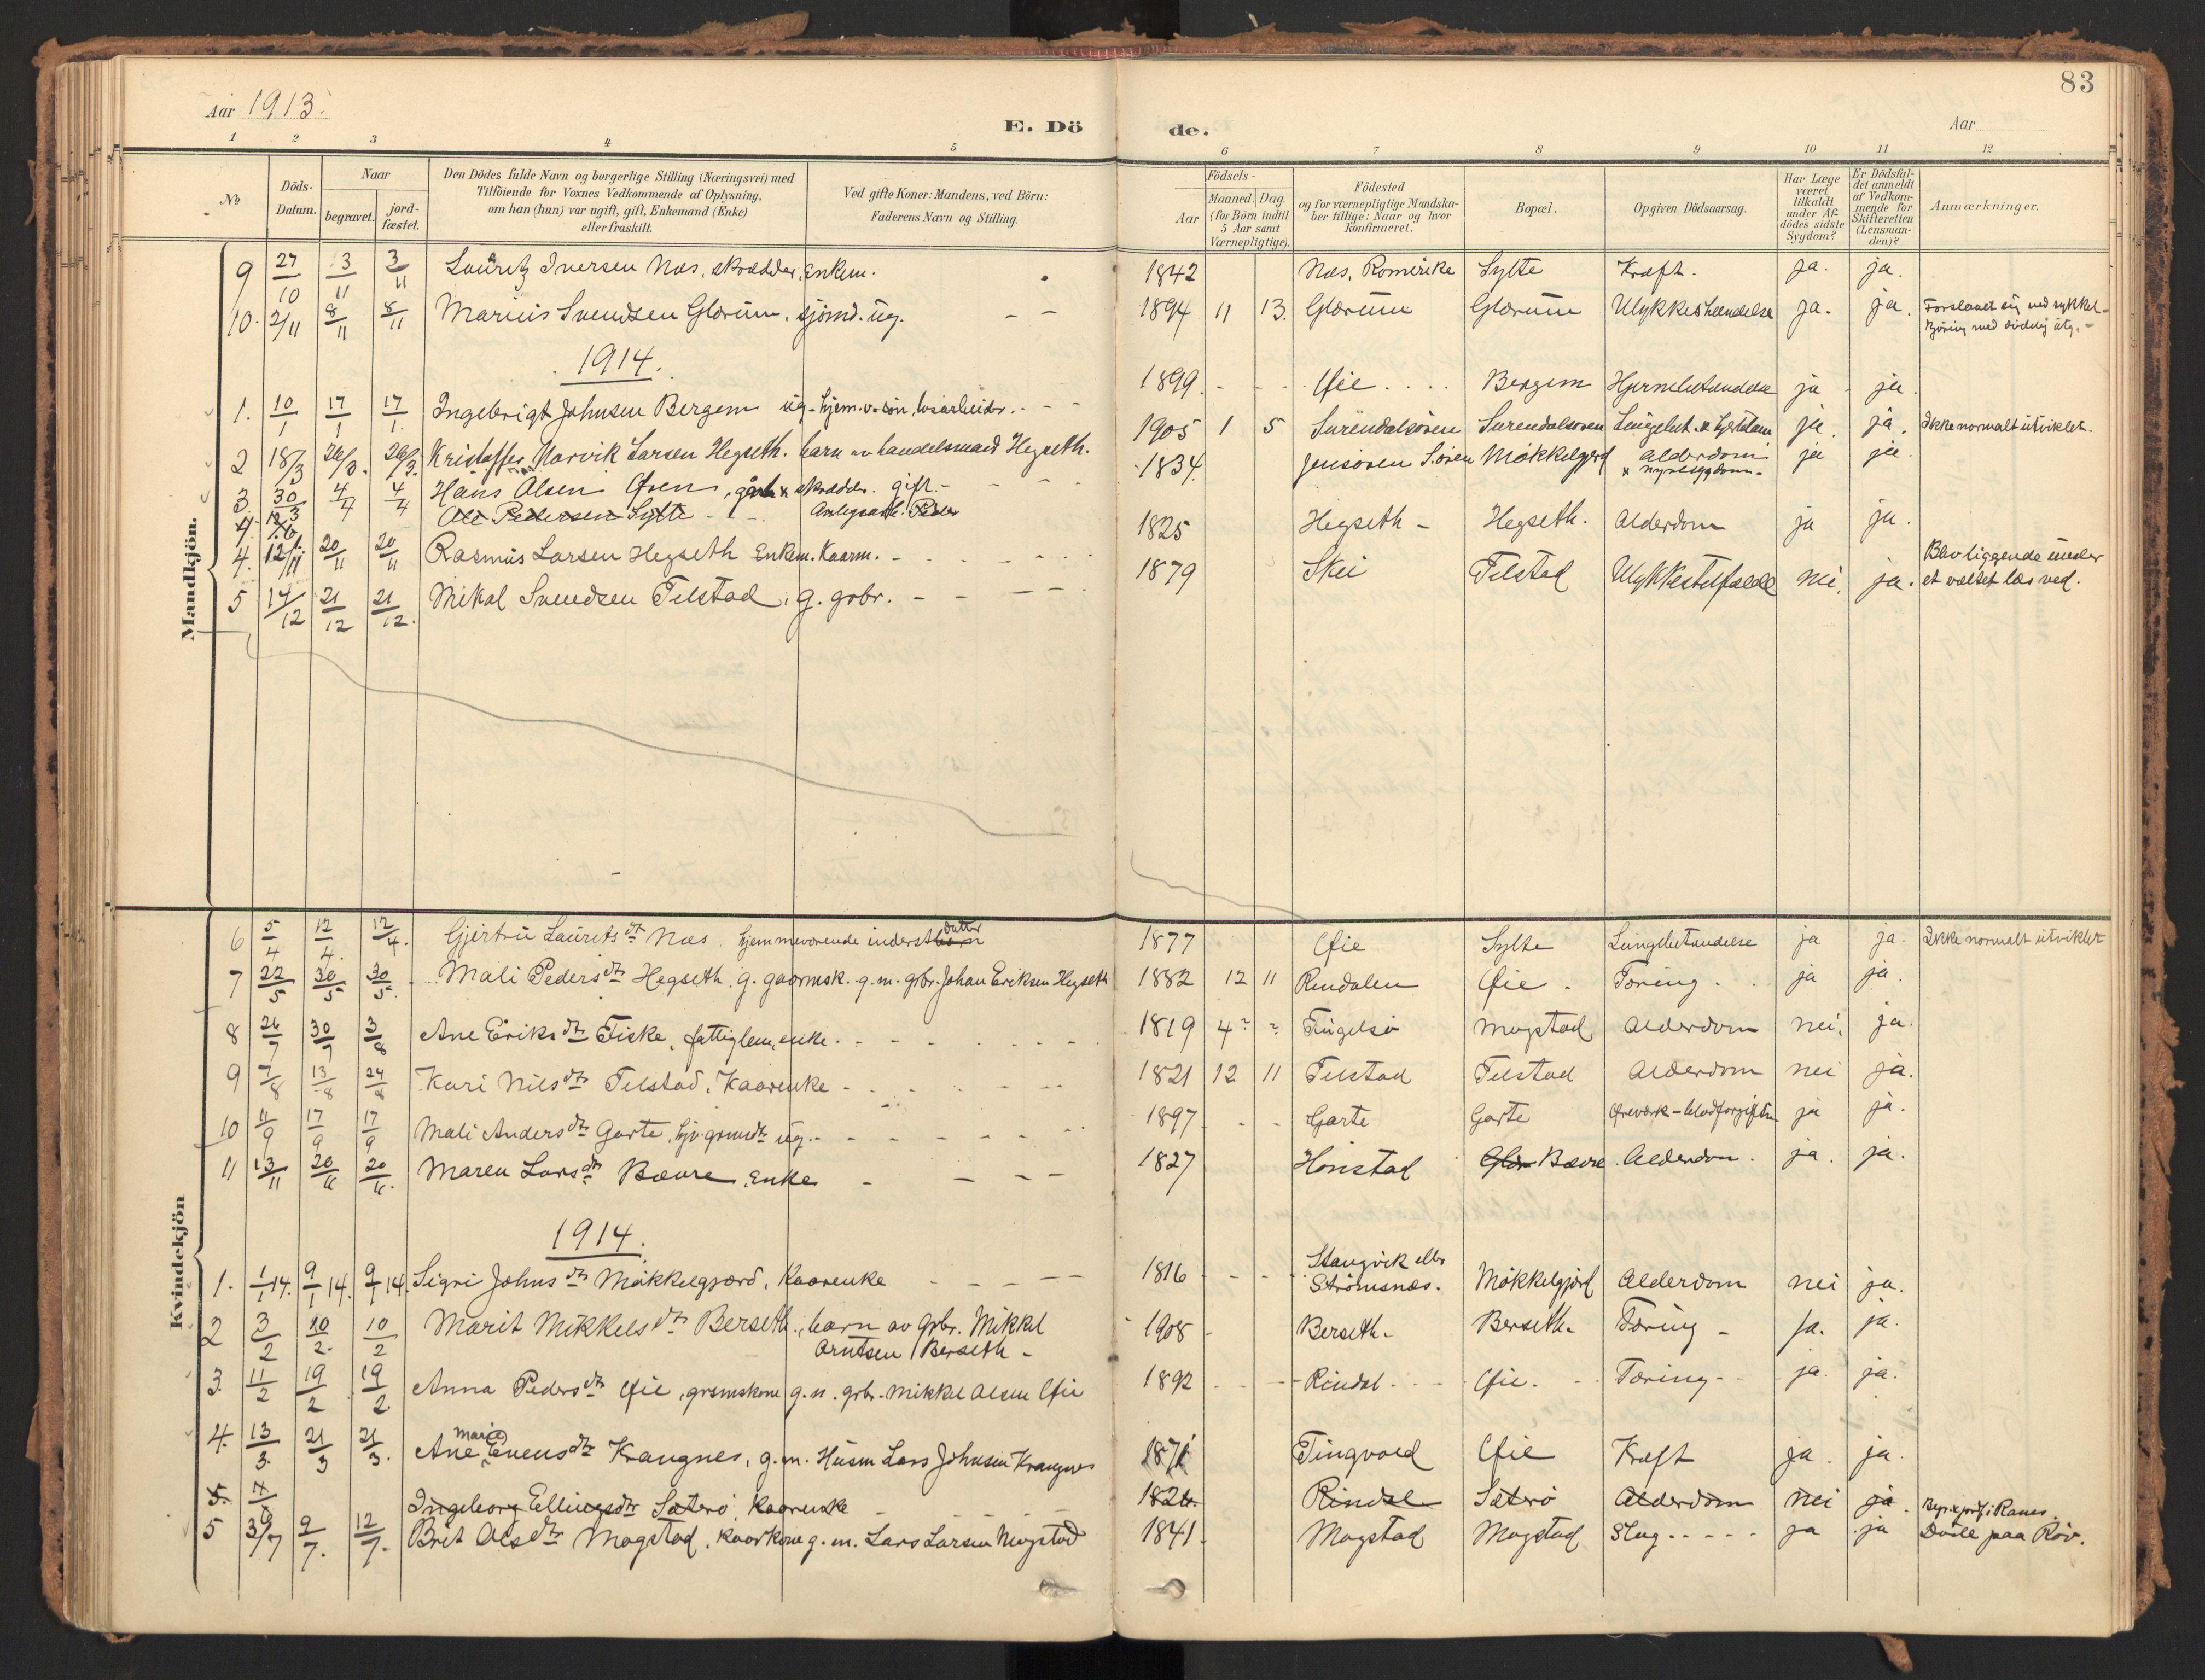 SAT, Ministerialprotokoller, klokkerbøker og fødselsregistre - Møre og Romsdal, 595/L1048: Ministerialbok nr. 595A10, 1900-1917, s. 83